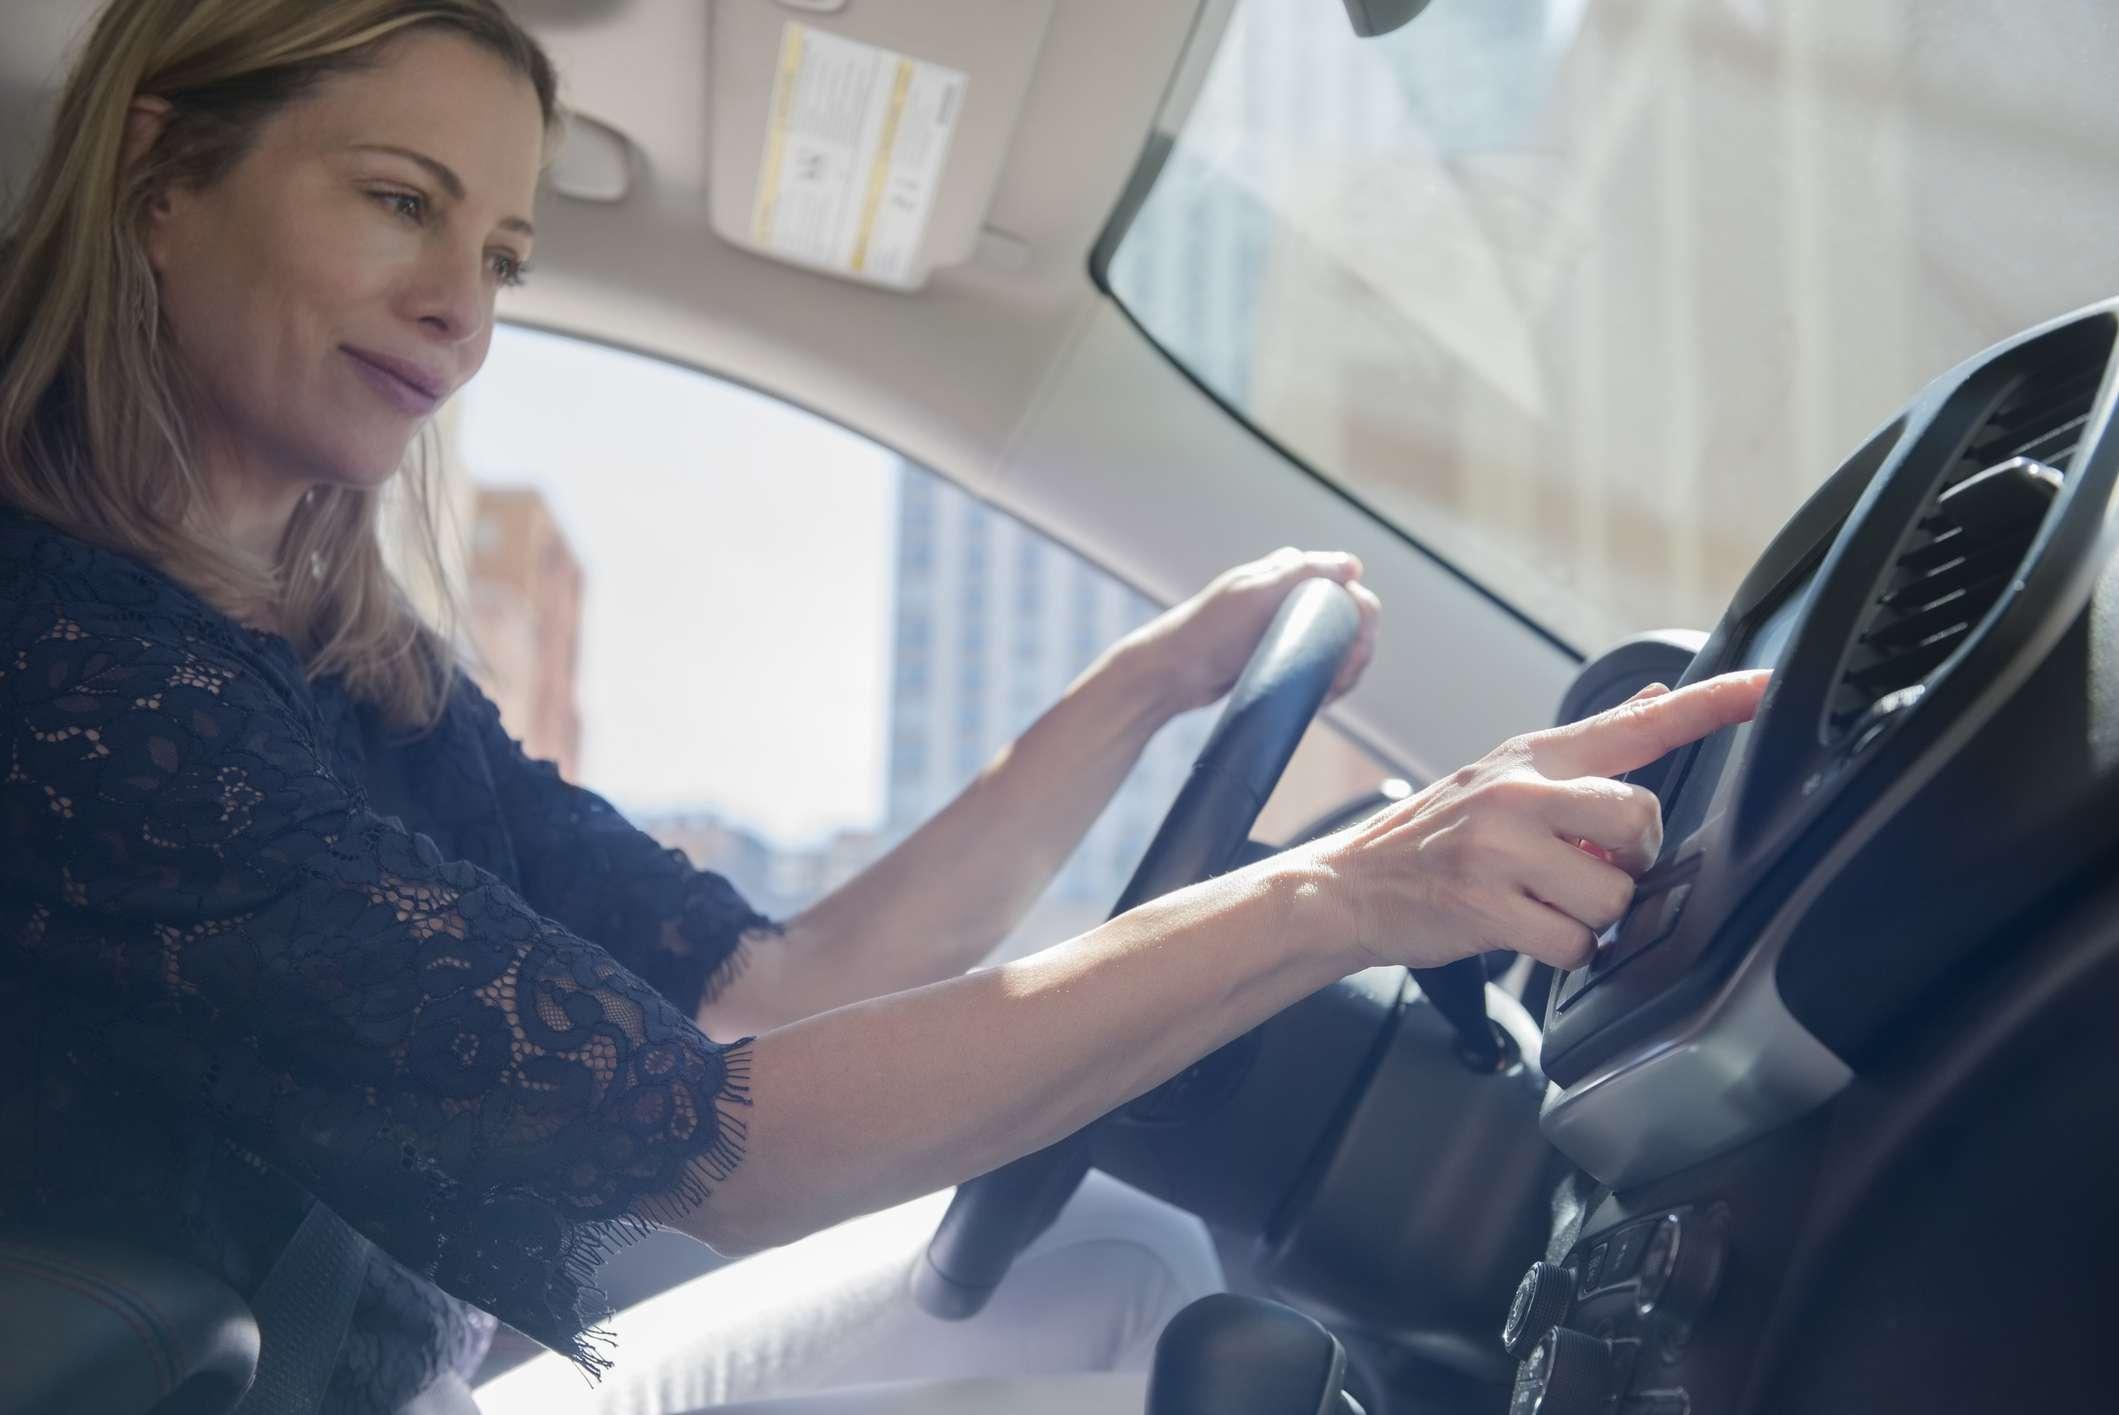 Woman using car dashboard system